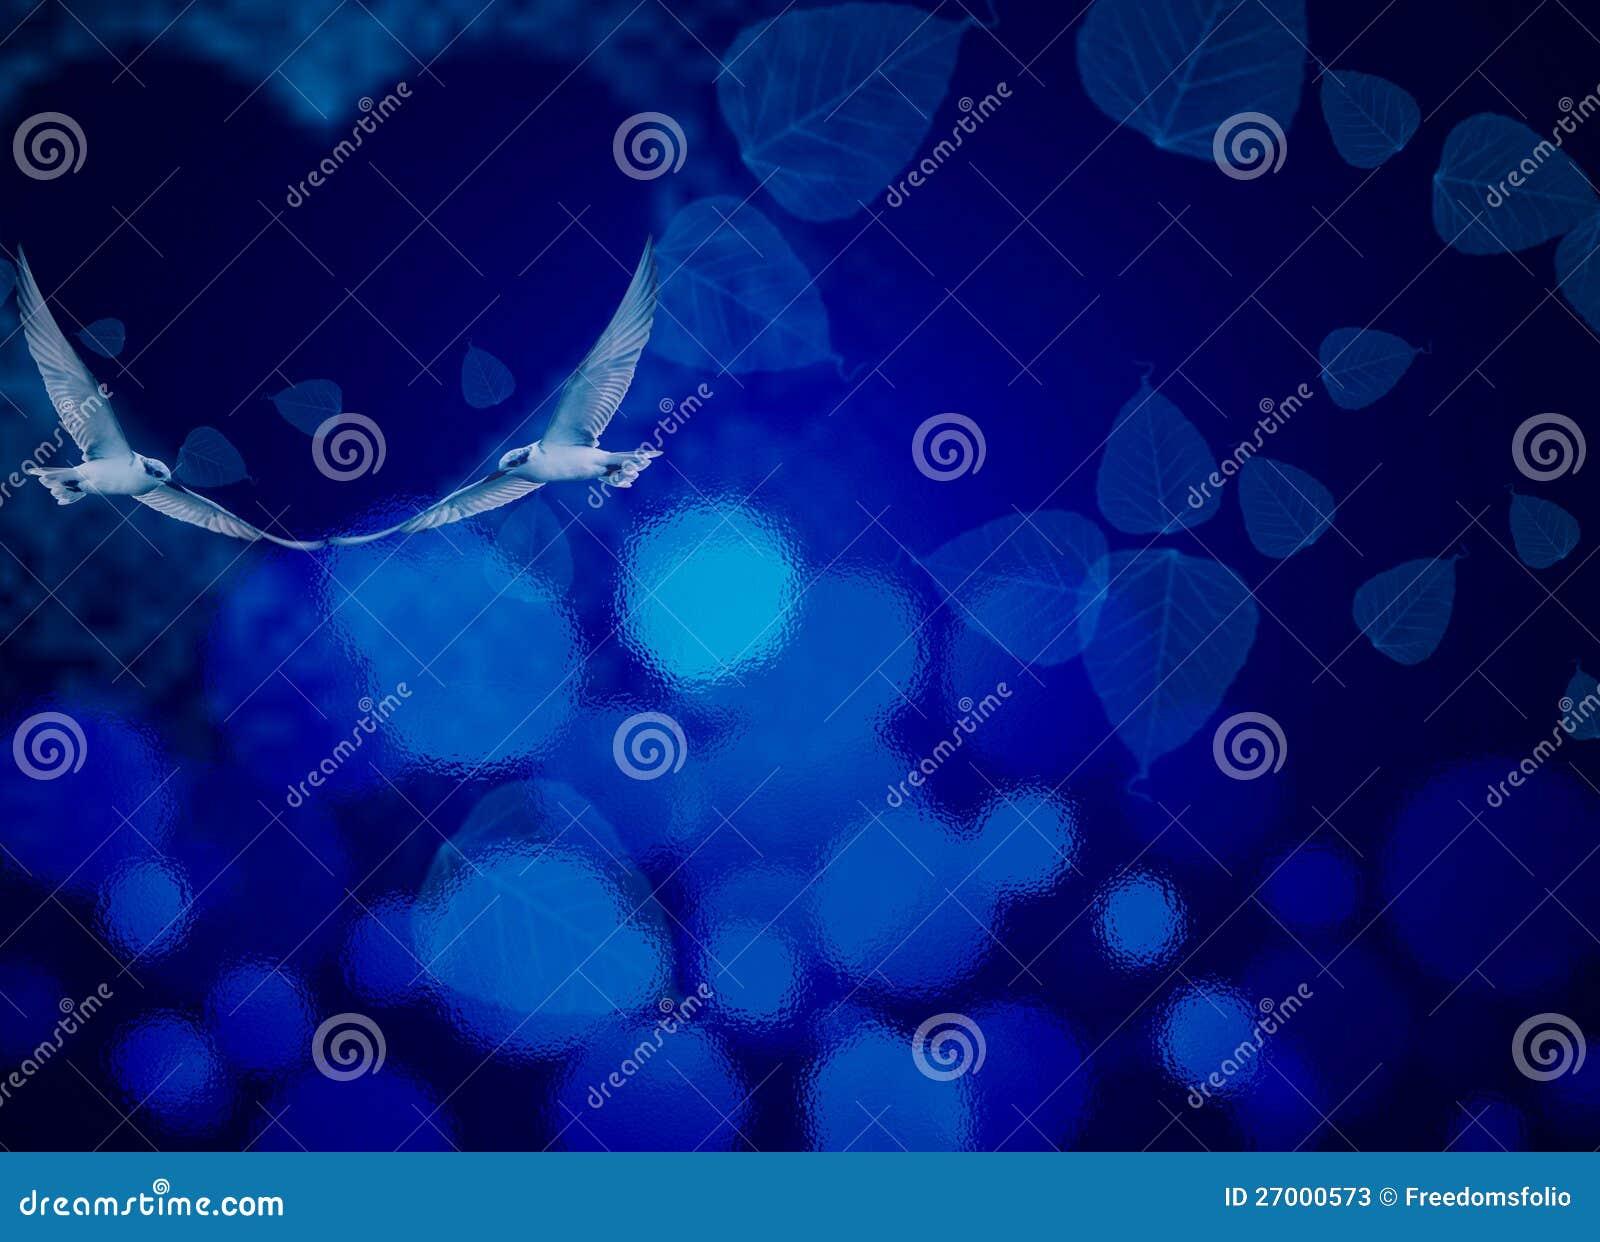 Błękitny Noc Miłości Temat Z Miłości Ptakami Ilustracji